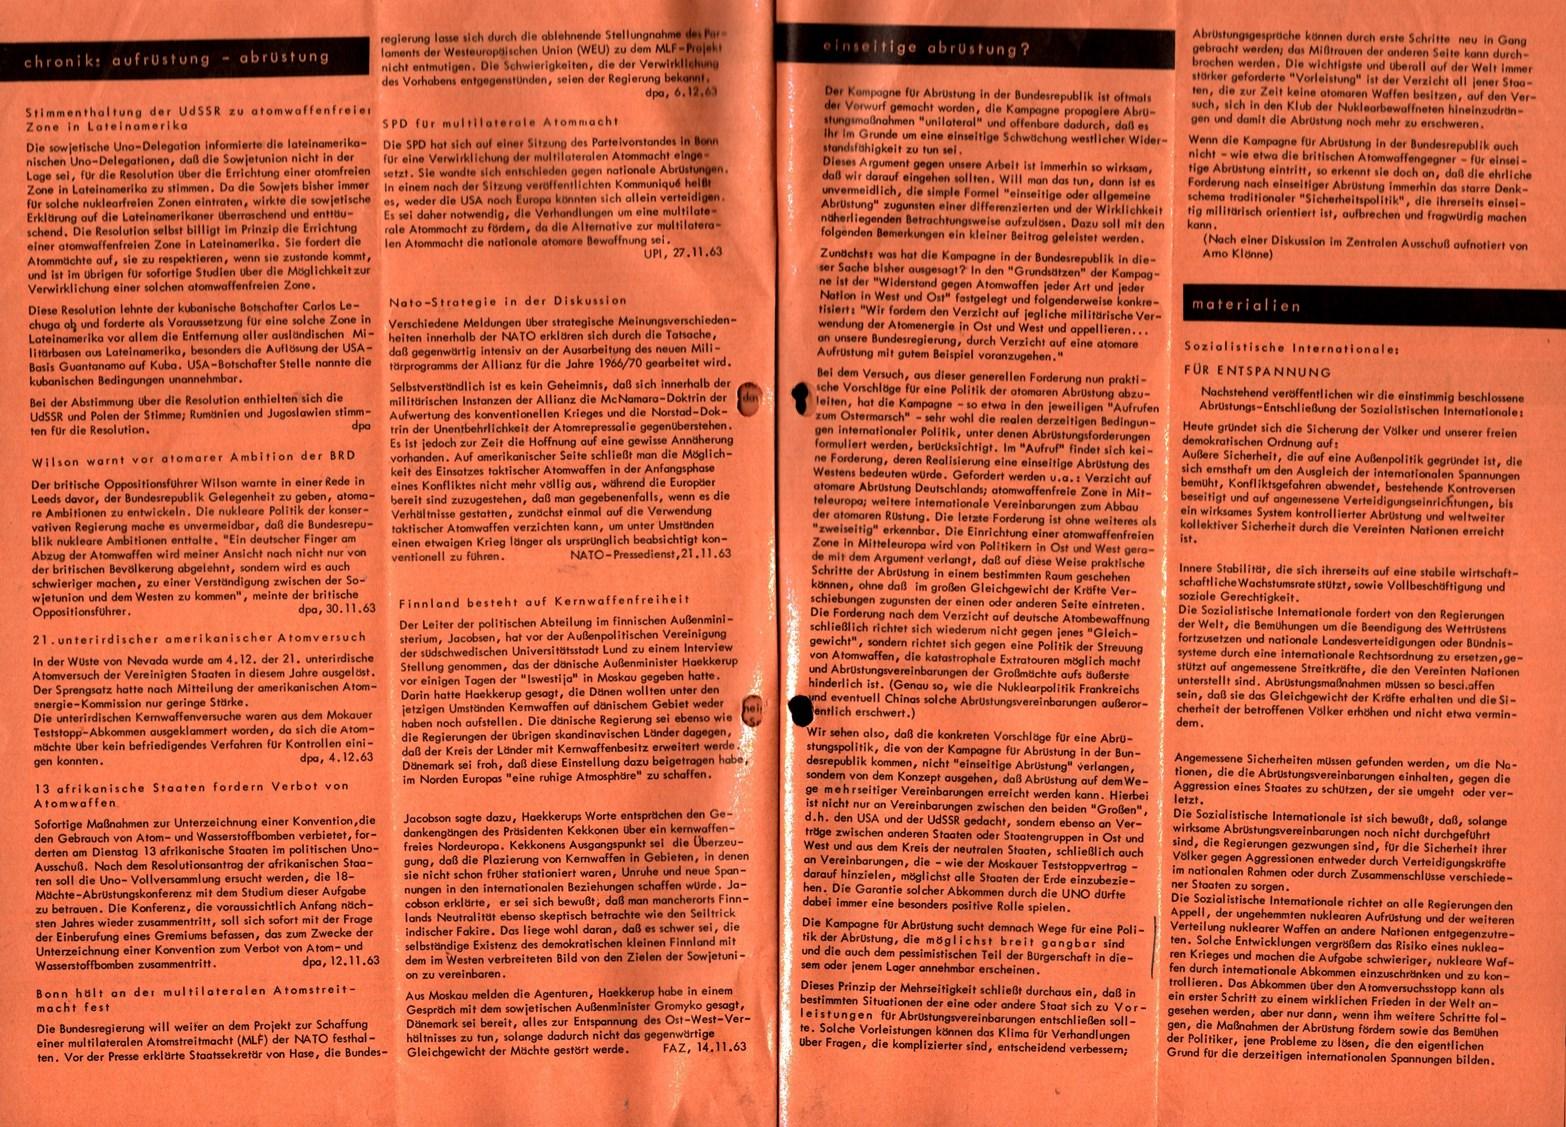 Infos_zur_Abruestung_1963_005_003